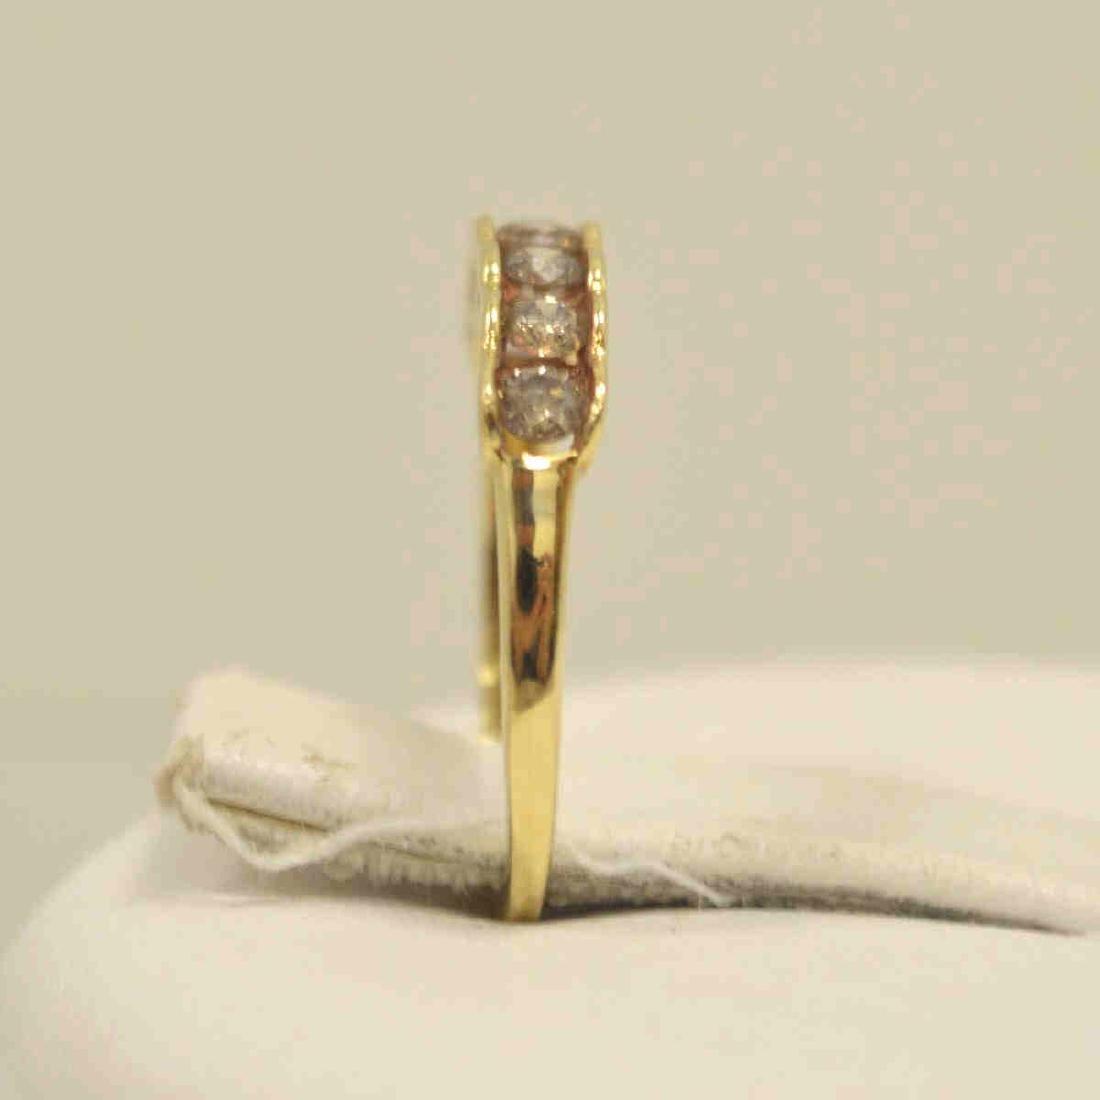 10kt yellow gold diamond band - 4